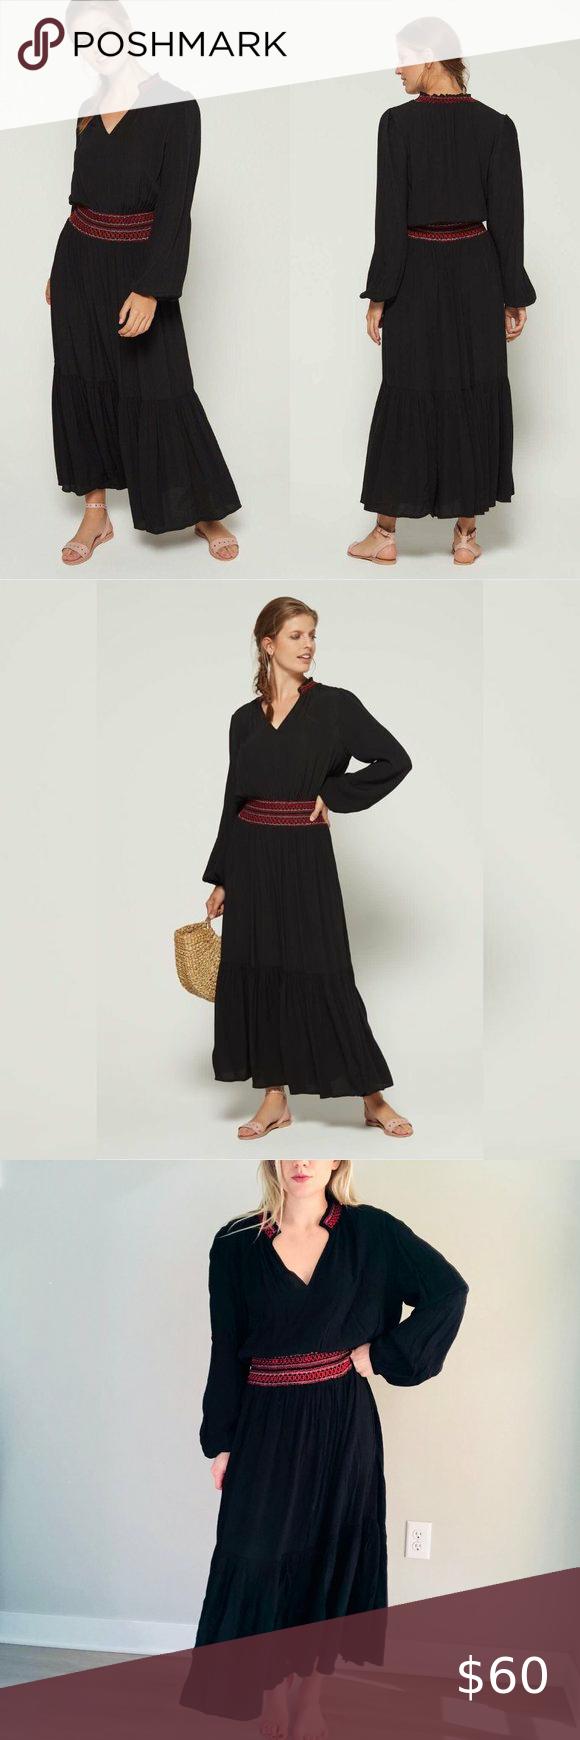 Gap Smocked Maxi Dress Black Red L Nwt 357800 Maxi Dress Pattern Smocked Maxi Dresses Maxi Dress Pattern Sewing [ 1740 x 580 Pixel ]